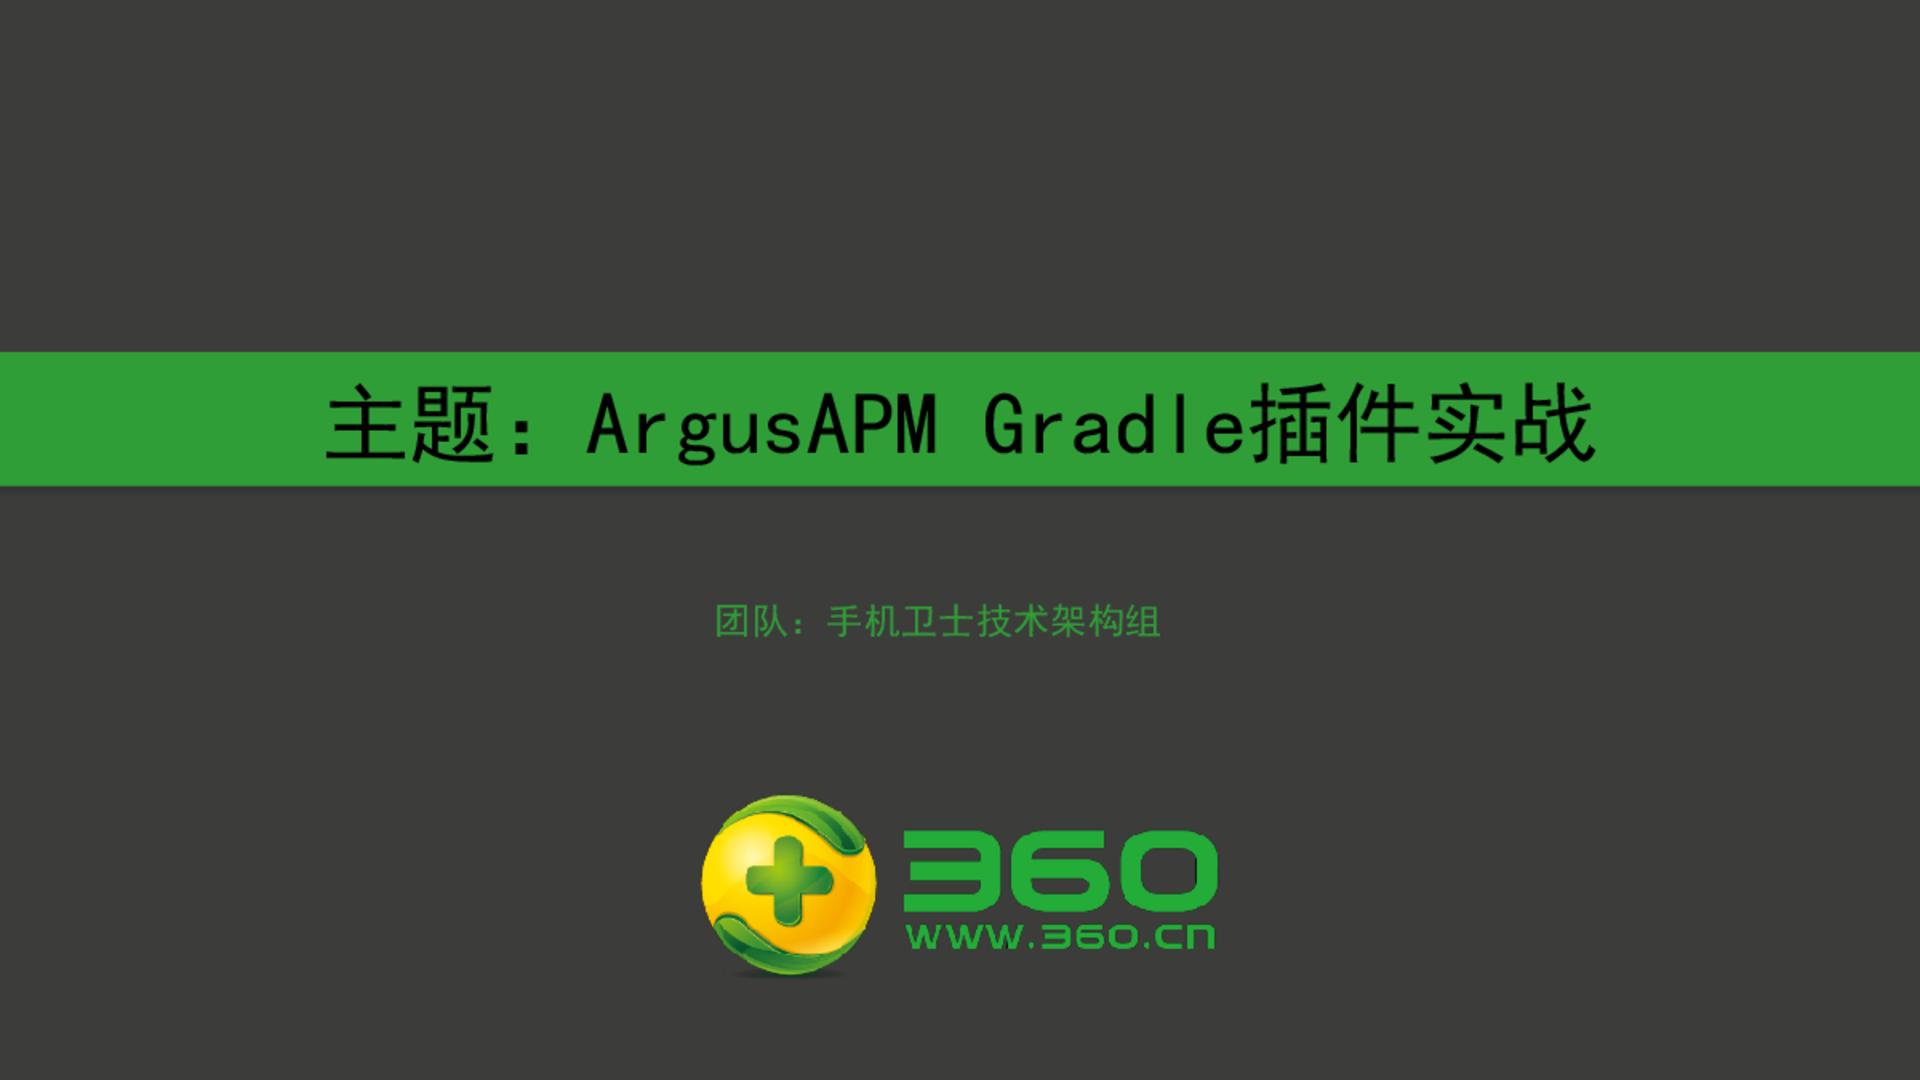 ArgusAPM_Gradle Plugin实战-刘清洁